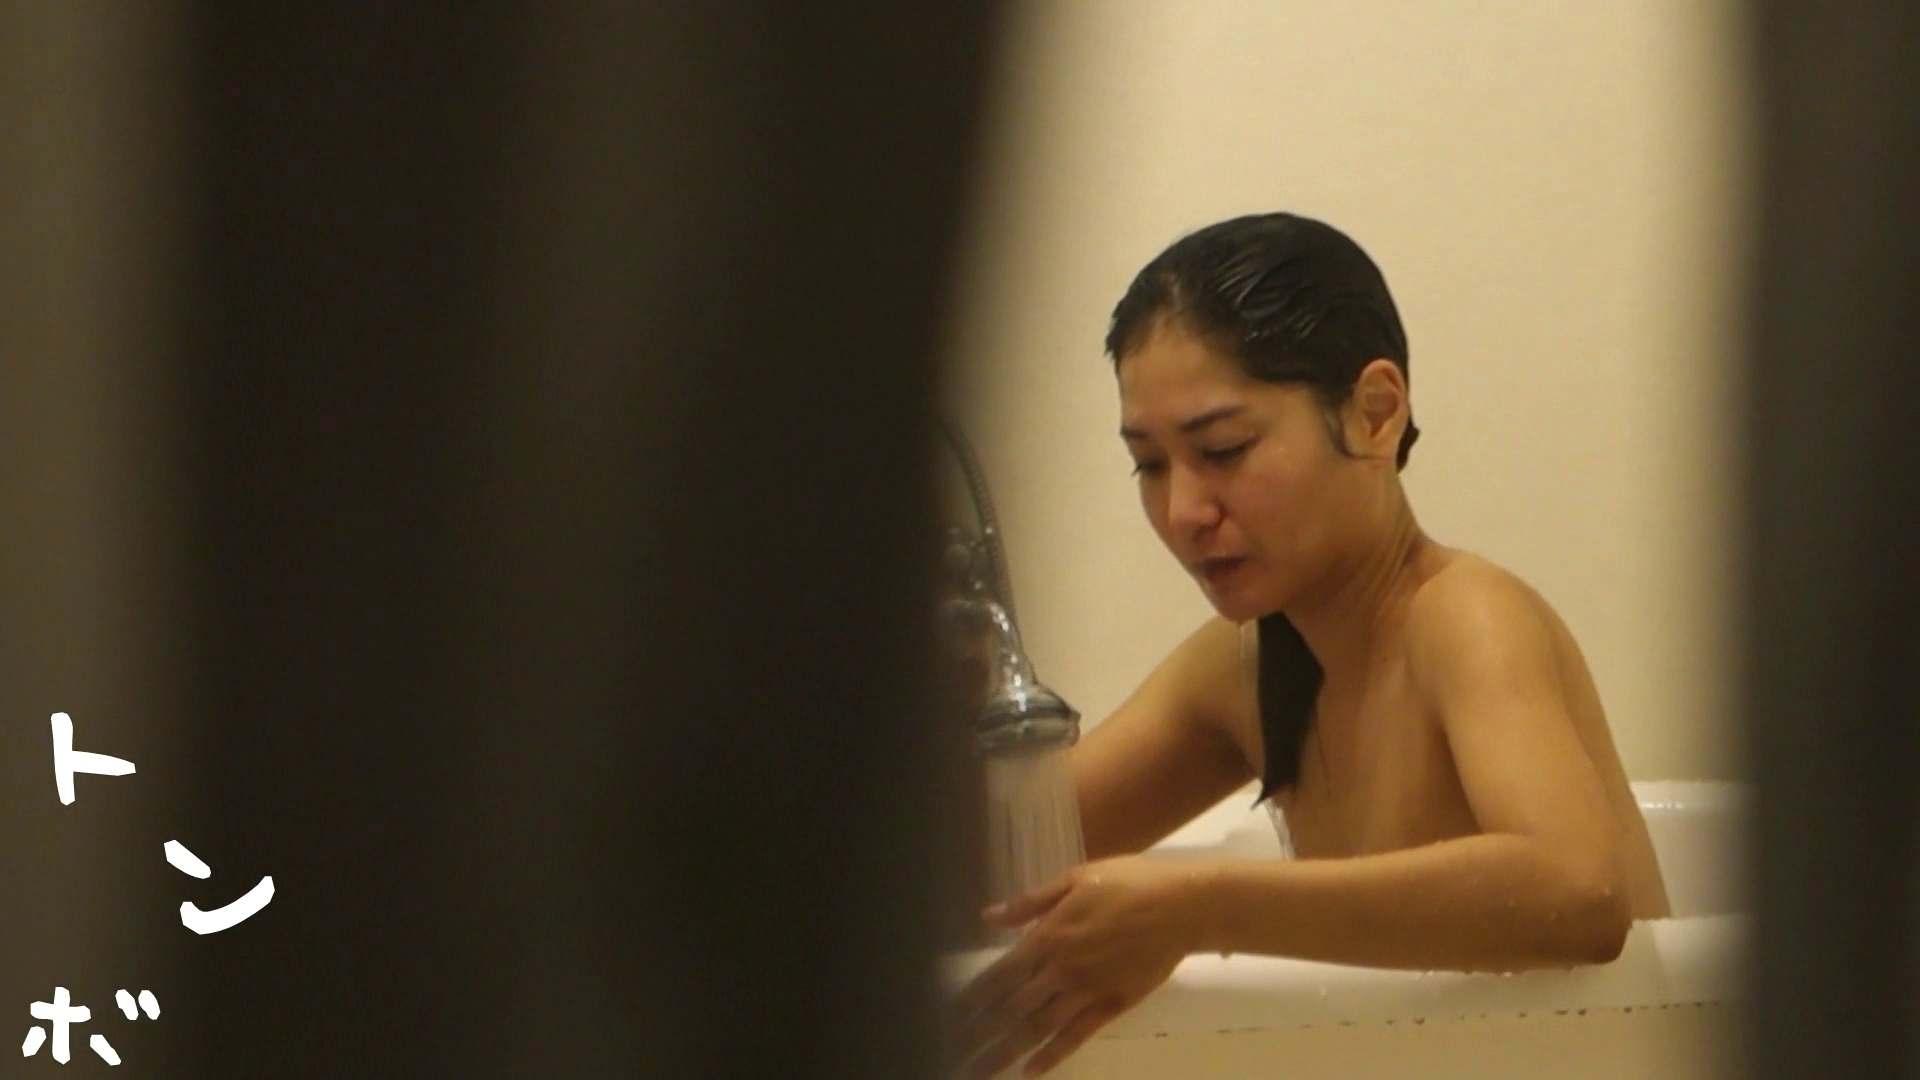 リアル盗撮 現役モデルのシャワーシーン2 シャワー 性交動画流出 41連発 19